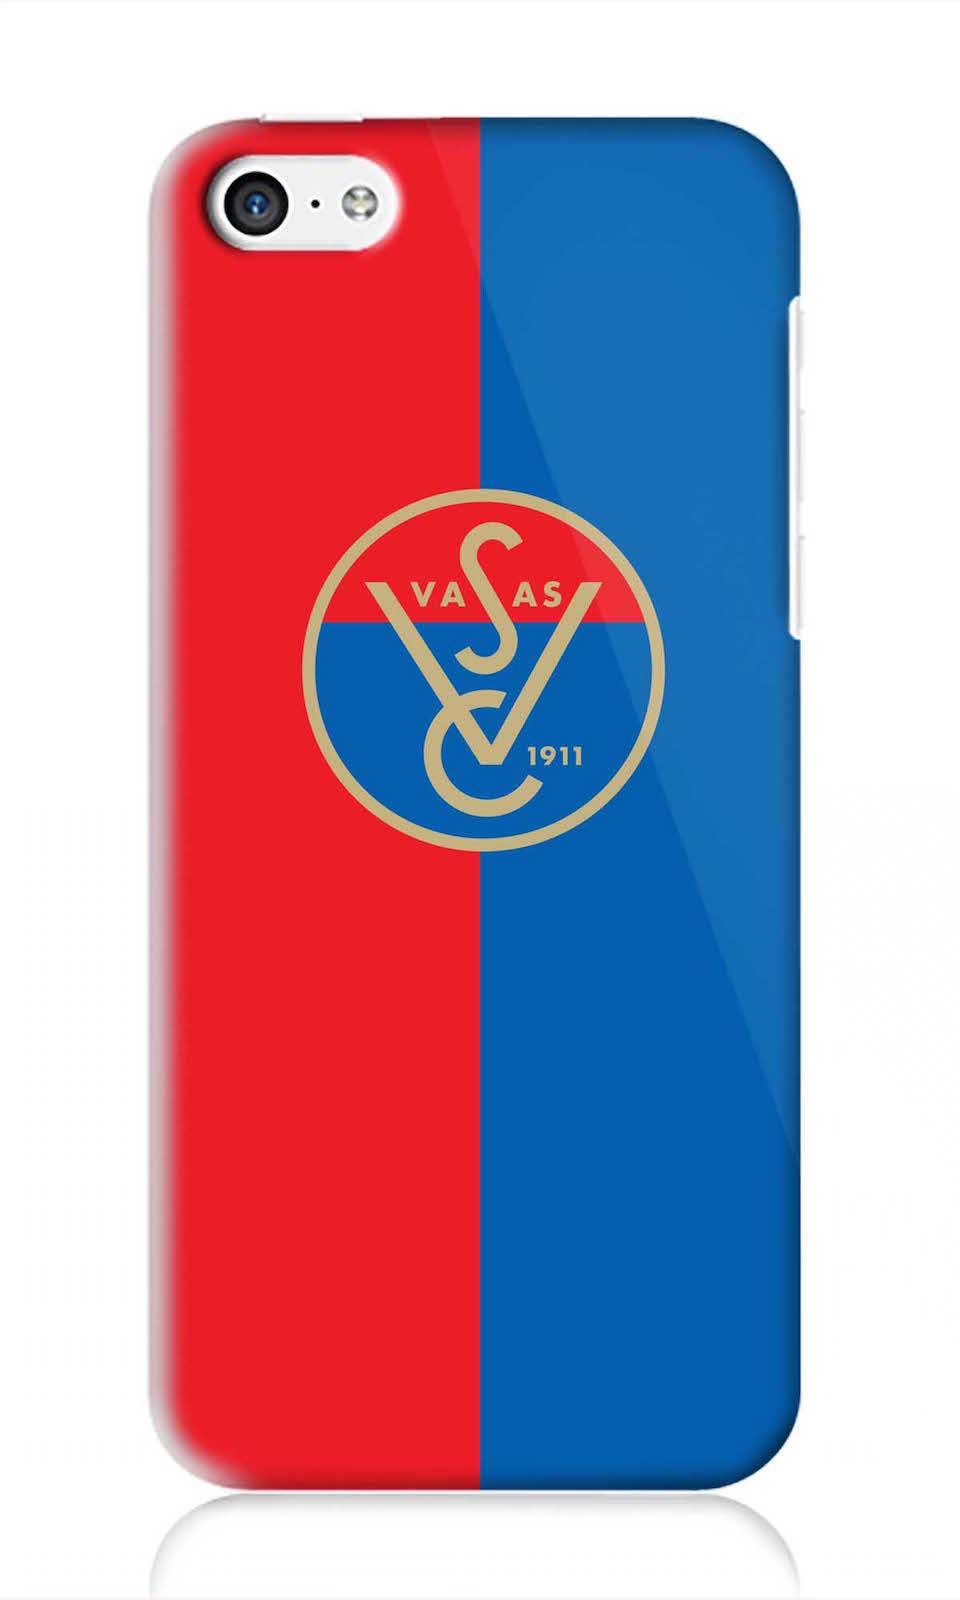 Vasas SC - Webáruház - Vasas telefon tok  4 minta ba3361f1e6